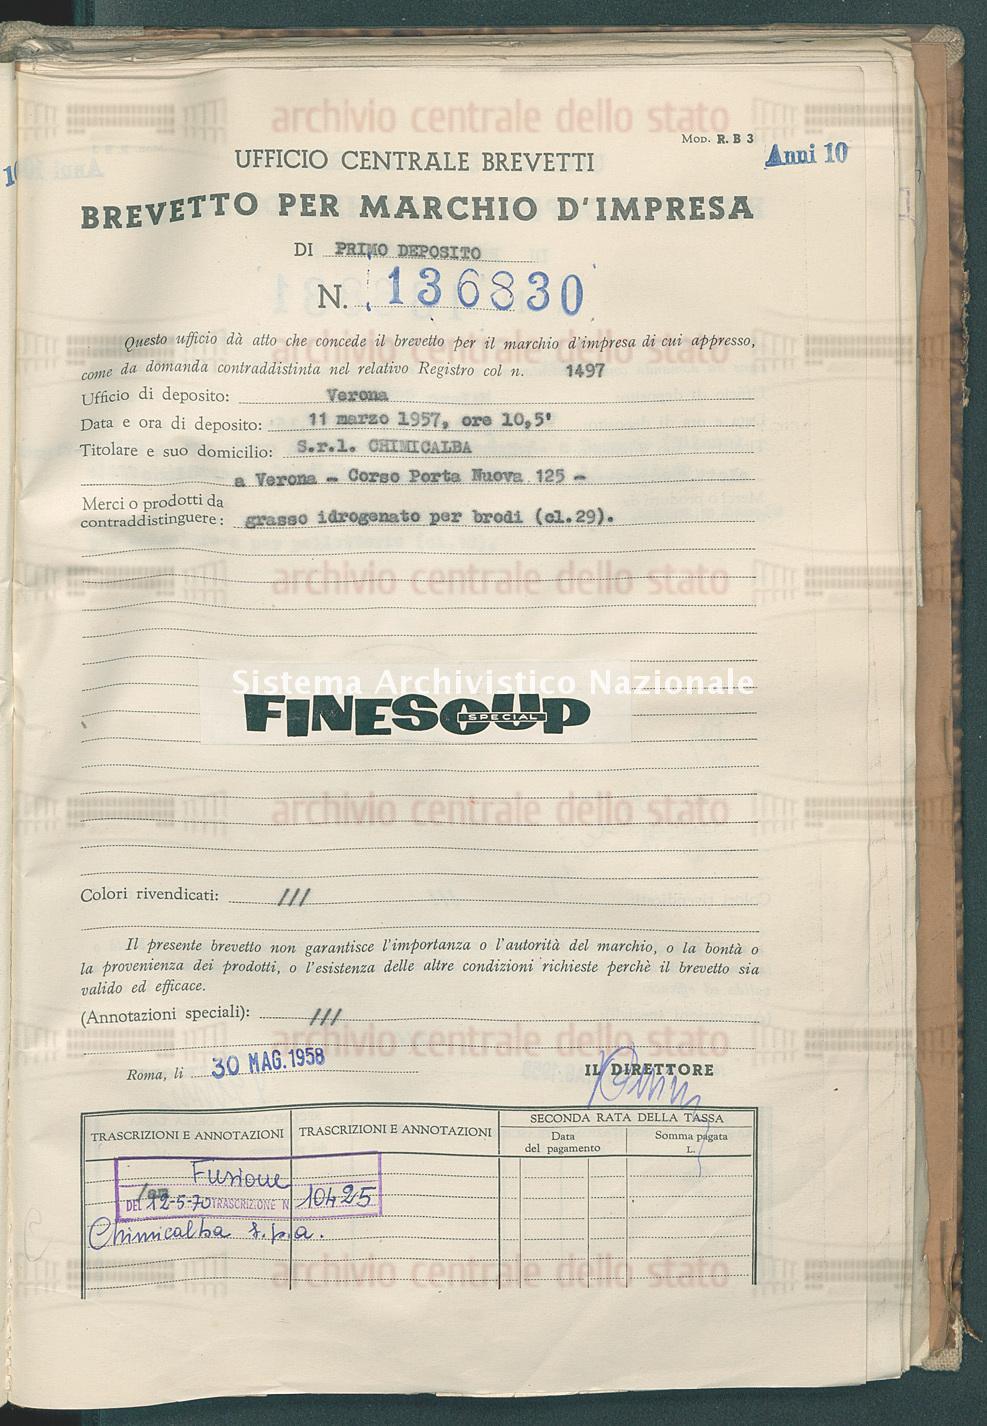 Grasso idrogenato per brodi S.R.L. Chimicalba (30/05/1958)